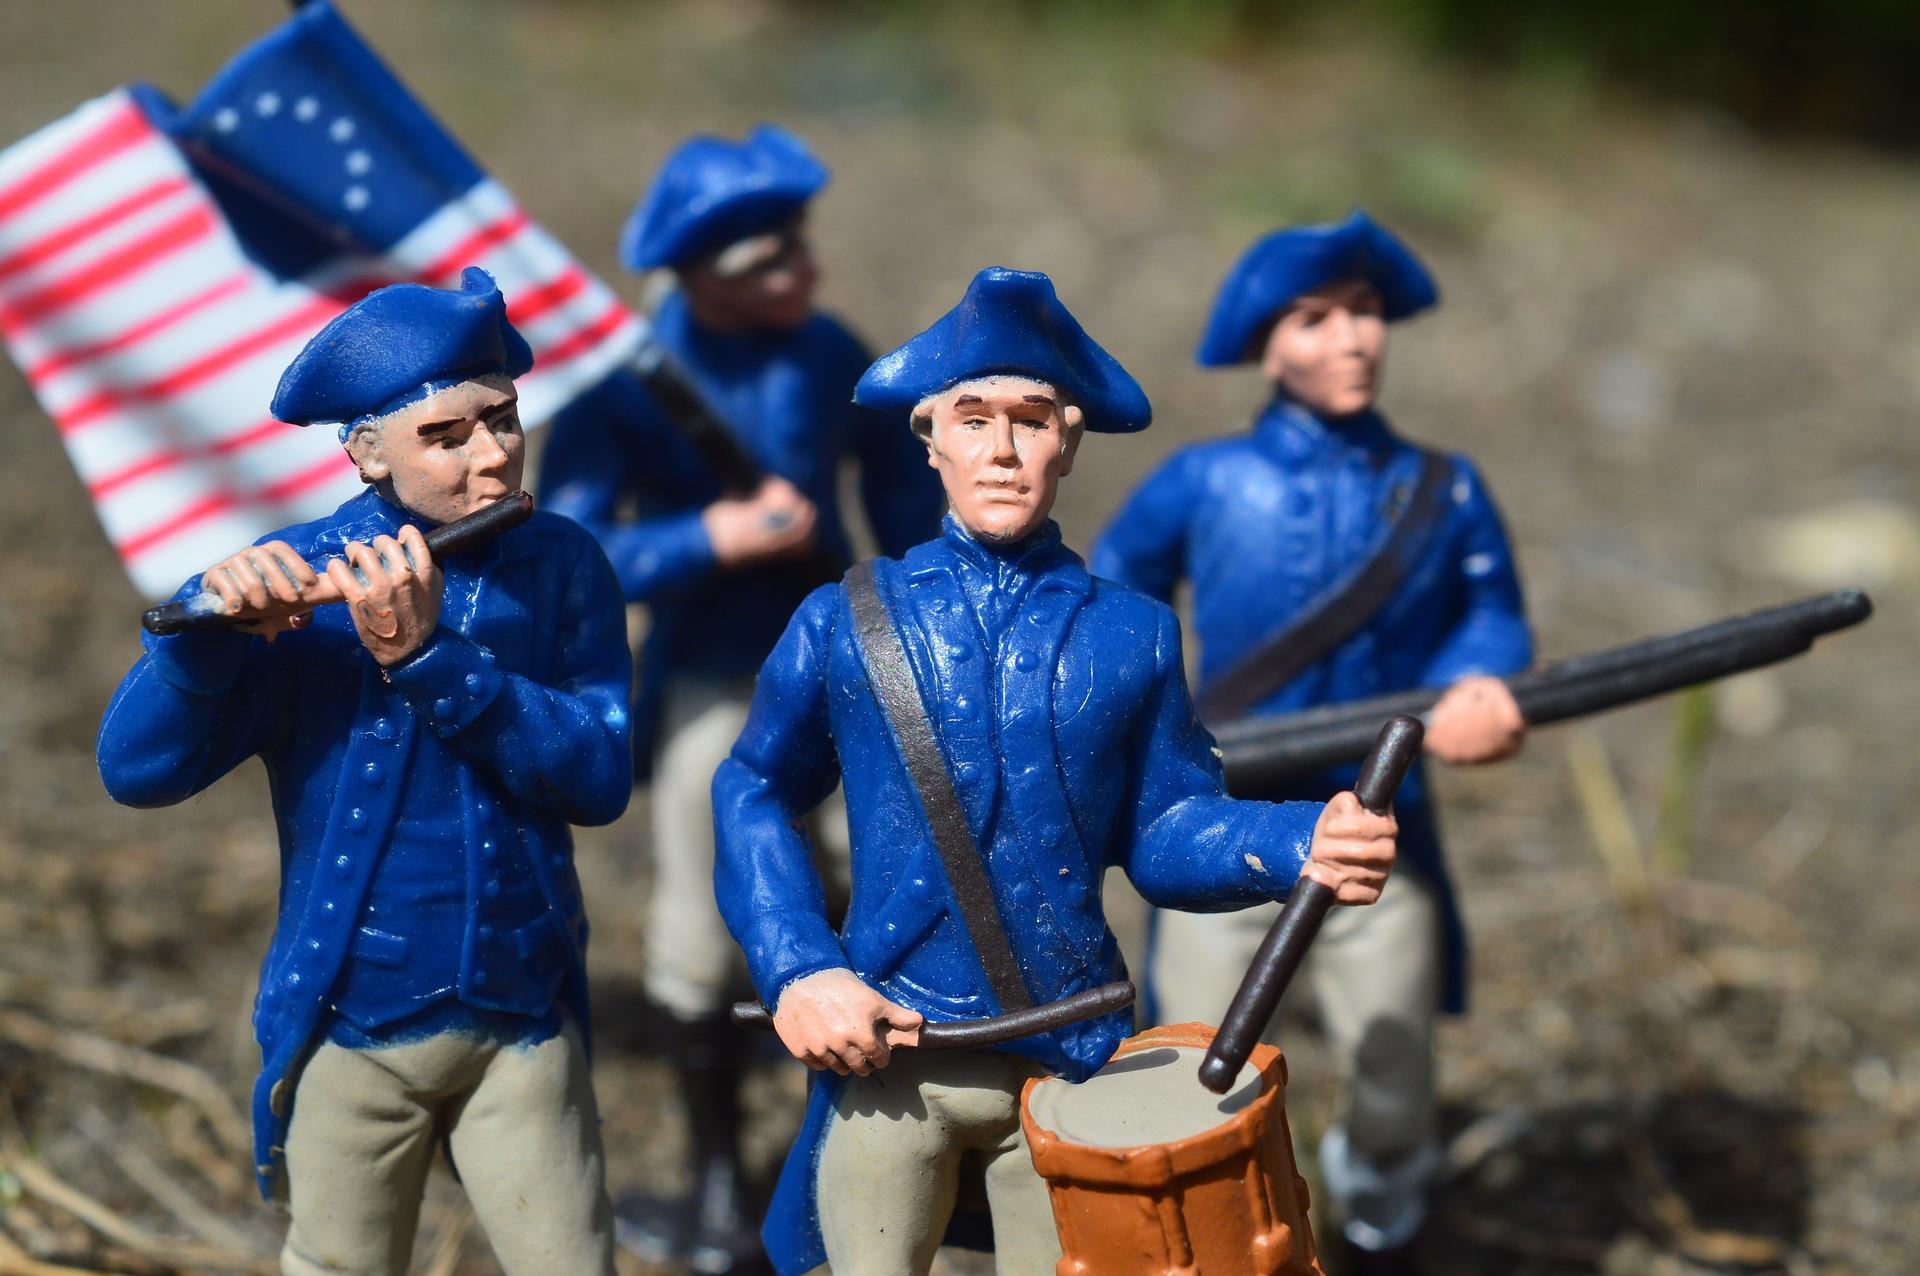 union-army-1608679_1920.jpg